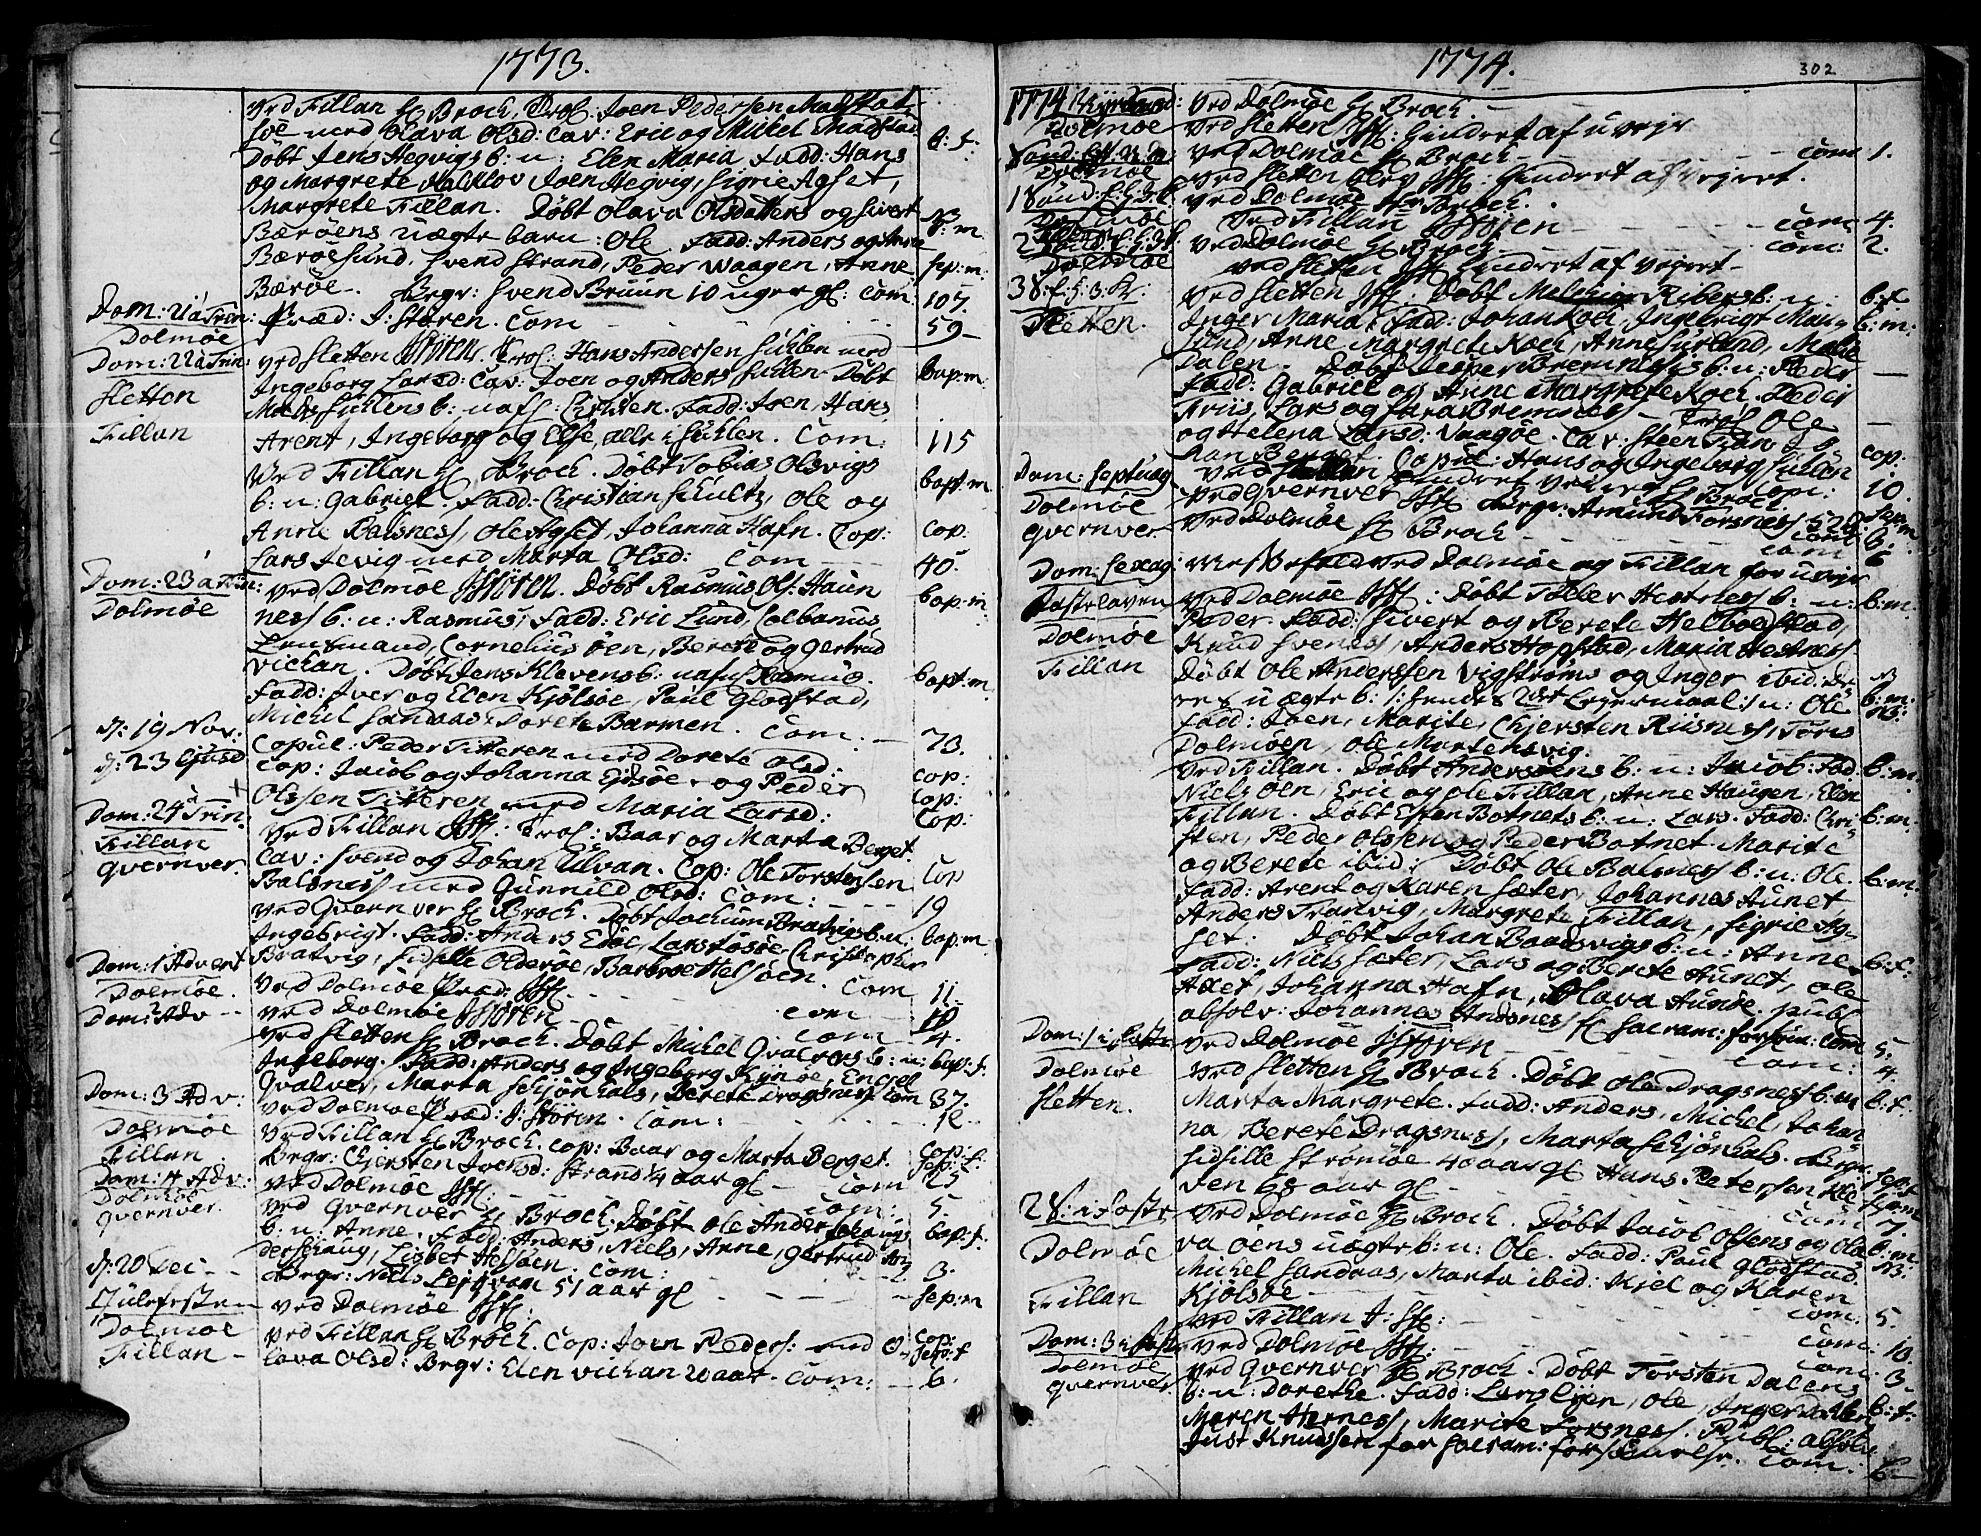 SAT, Ministerialprotokoller, klokkerbøker og fødselsregistre - Sør-Trøndelag, 634/L0525: Ministerialbok nr. 634A01, 1736-1775, s. 302a